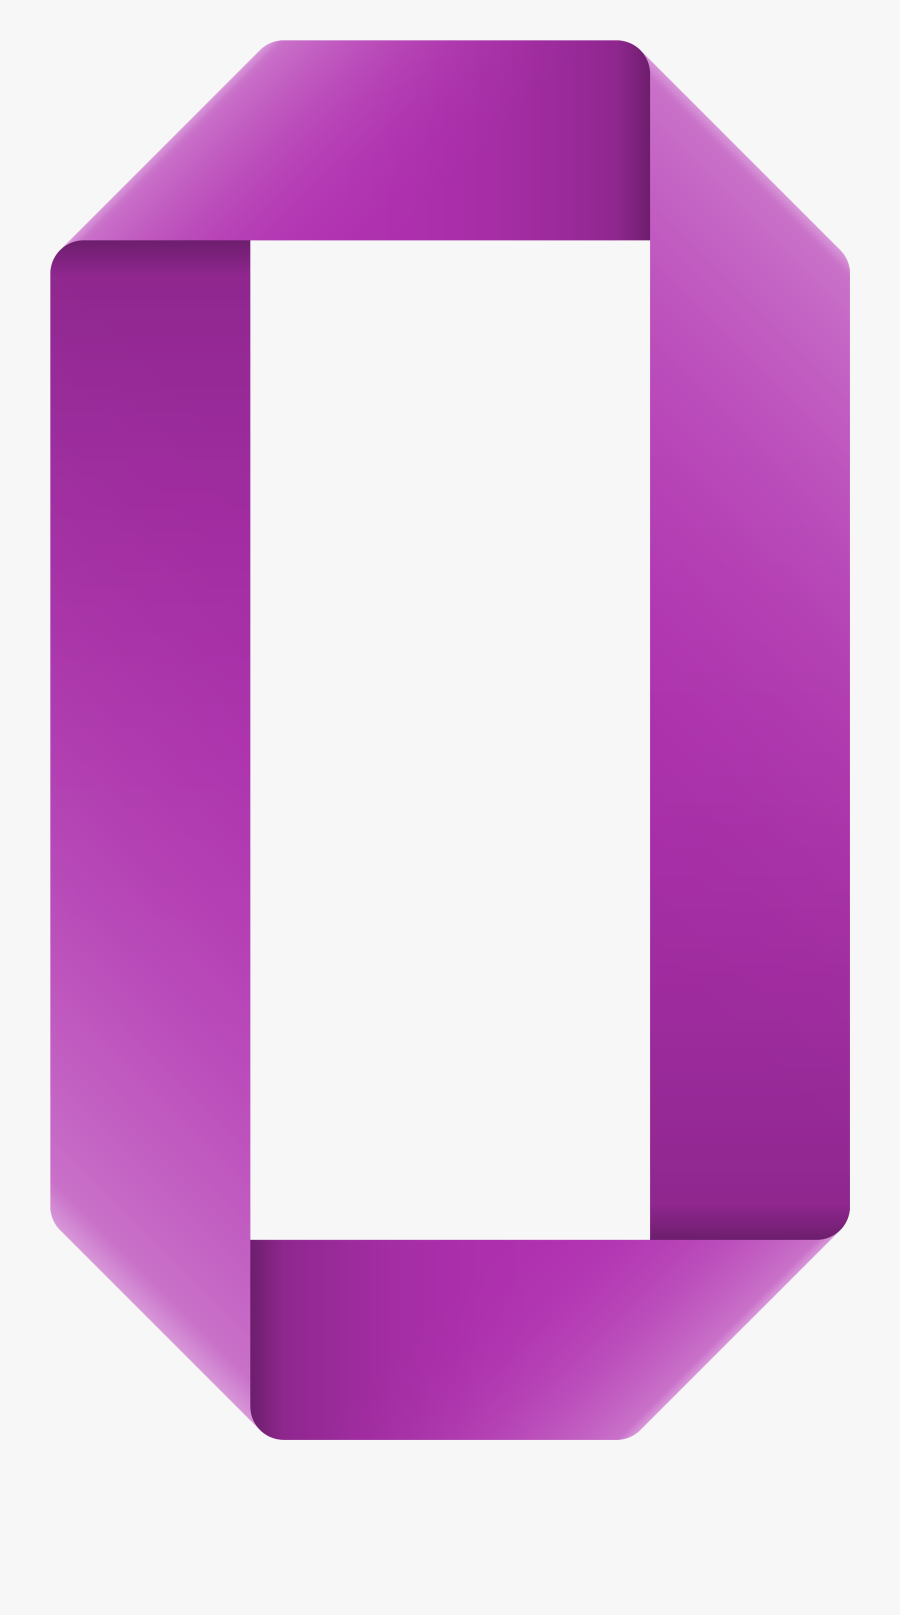 Ribbon Number Zero Transparent Png Clip Art Image - Ribbon Number Zero Png, Transparent Clipart